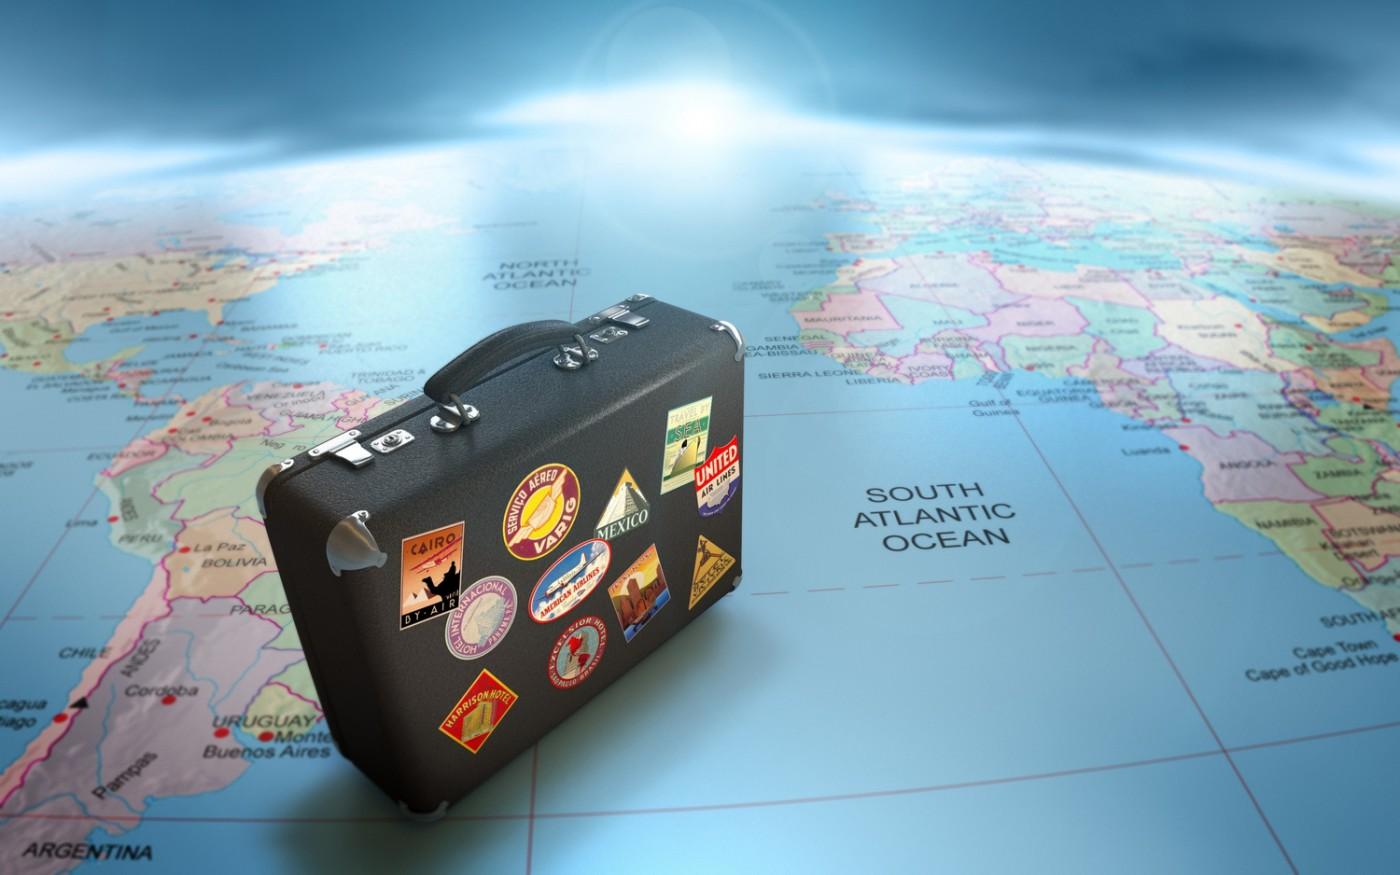 Italiani e viaggi: quali sono le mete più richieste?